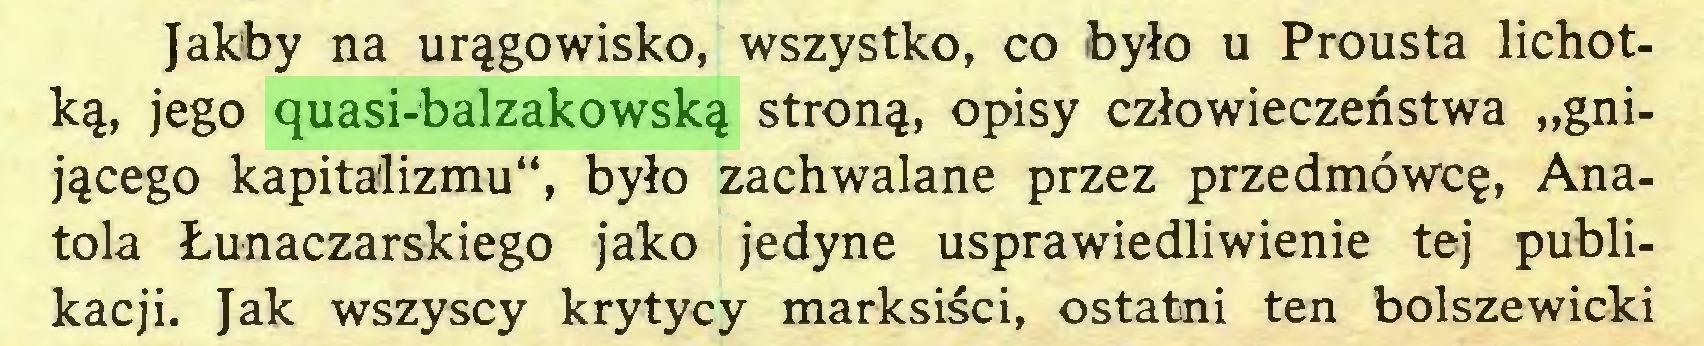 """(...) Jakby na urągowisko, wszystko, co było u Prousta lichotką, jego quasi-balzakowską stroną, opisy człowieczeństwa """"gnijącego kapitalizmu"""", było zachwalane przez przedmówcę, Anatola Łunaczarskiego jako jedyne usprawiedliwienie tej publikacji. Jak wszyscy krytycy marksiści, ostatni ten bolszewicki..."""